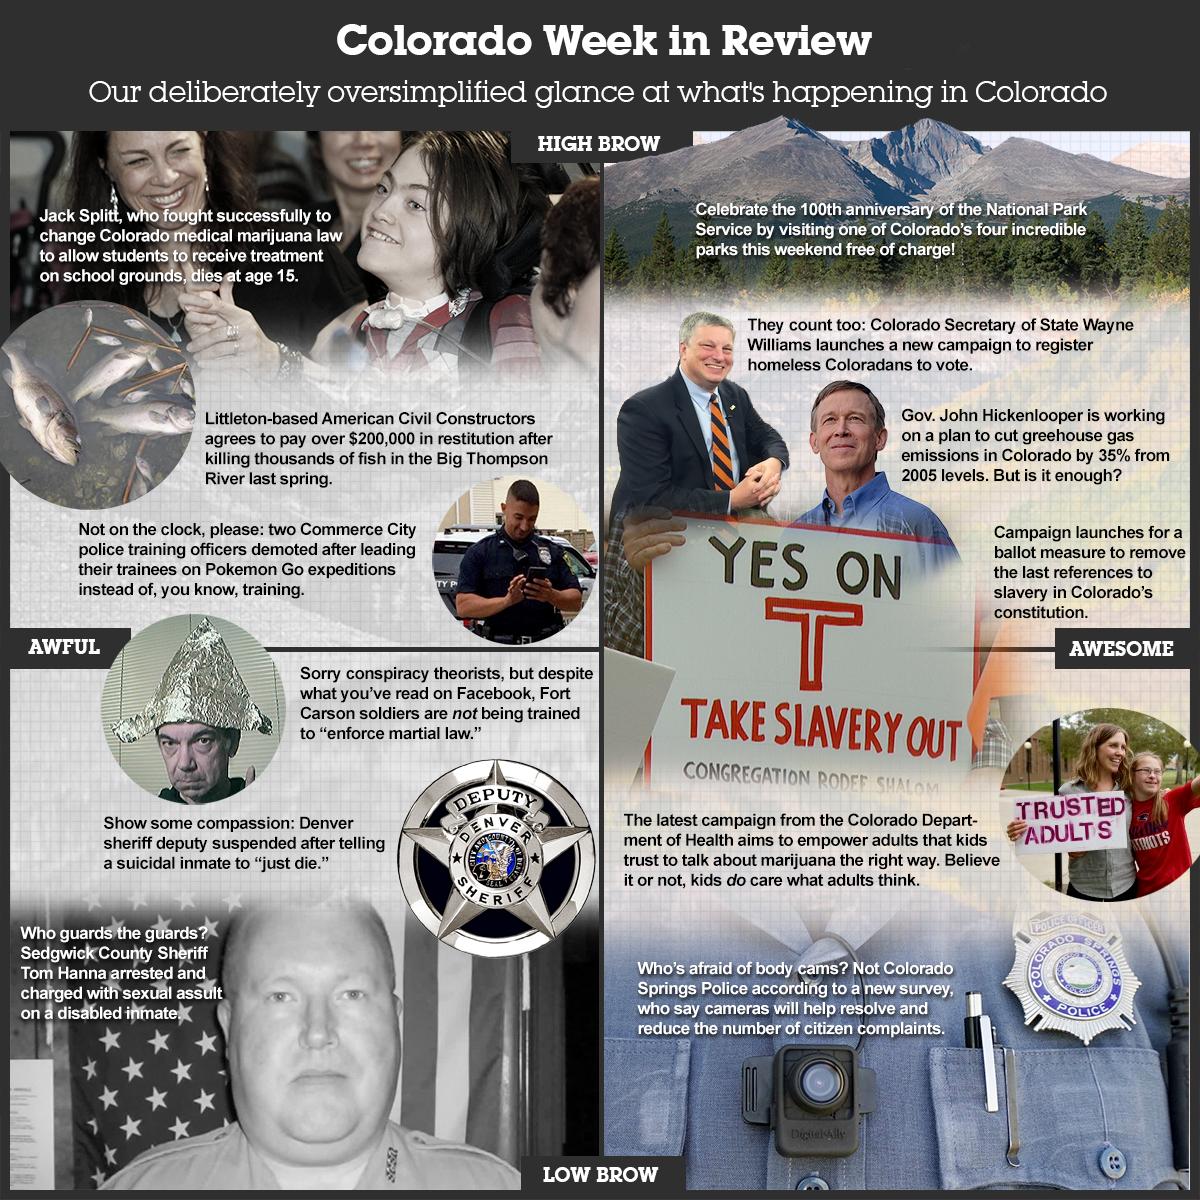 Denver Rtd Shooting: Colorado Week In Review